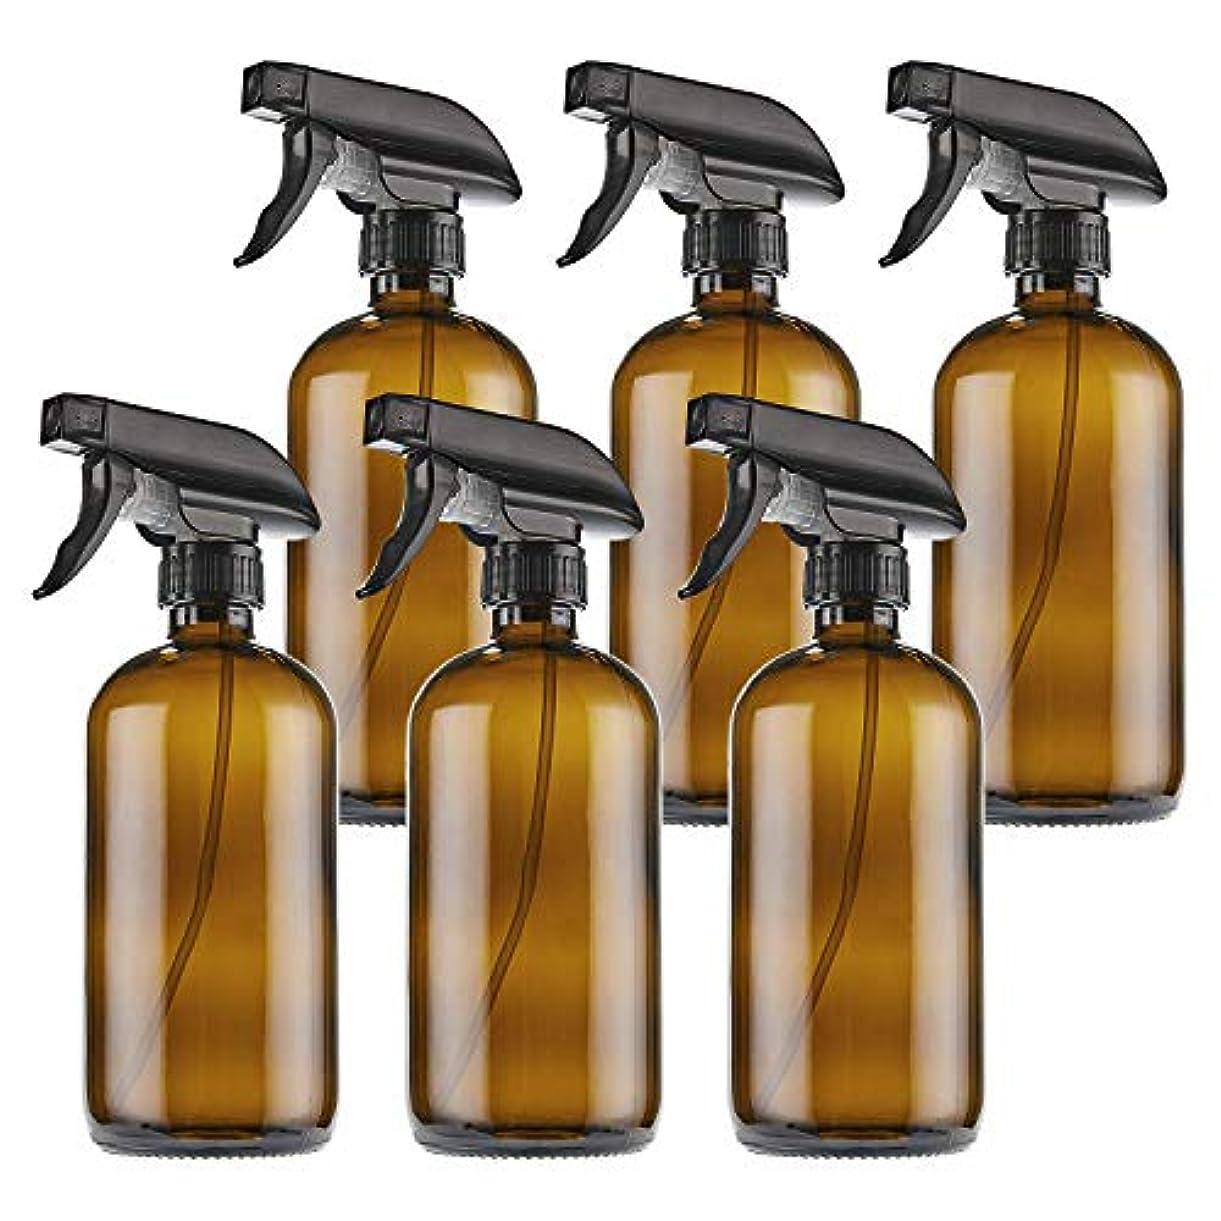 ペストリーアジア人はっきりしないTHETIS Homes トリガースプレーキャップを持つ16オンス空 琥珀ボストンスプレーボトルや製品部屋 やアロマセラピーを清掃エッセンシャルオイル 用 ガラスびん ラベル 6パック